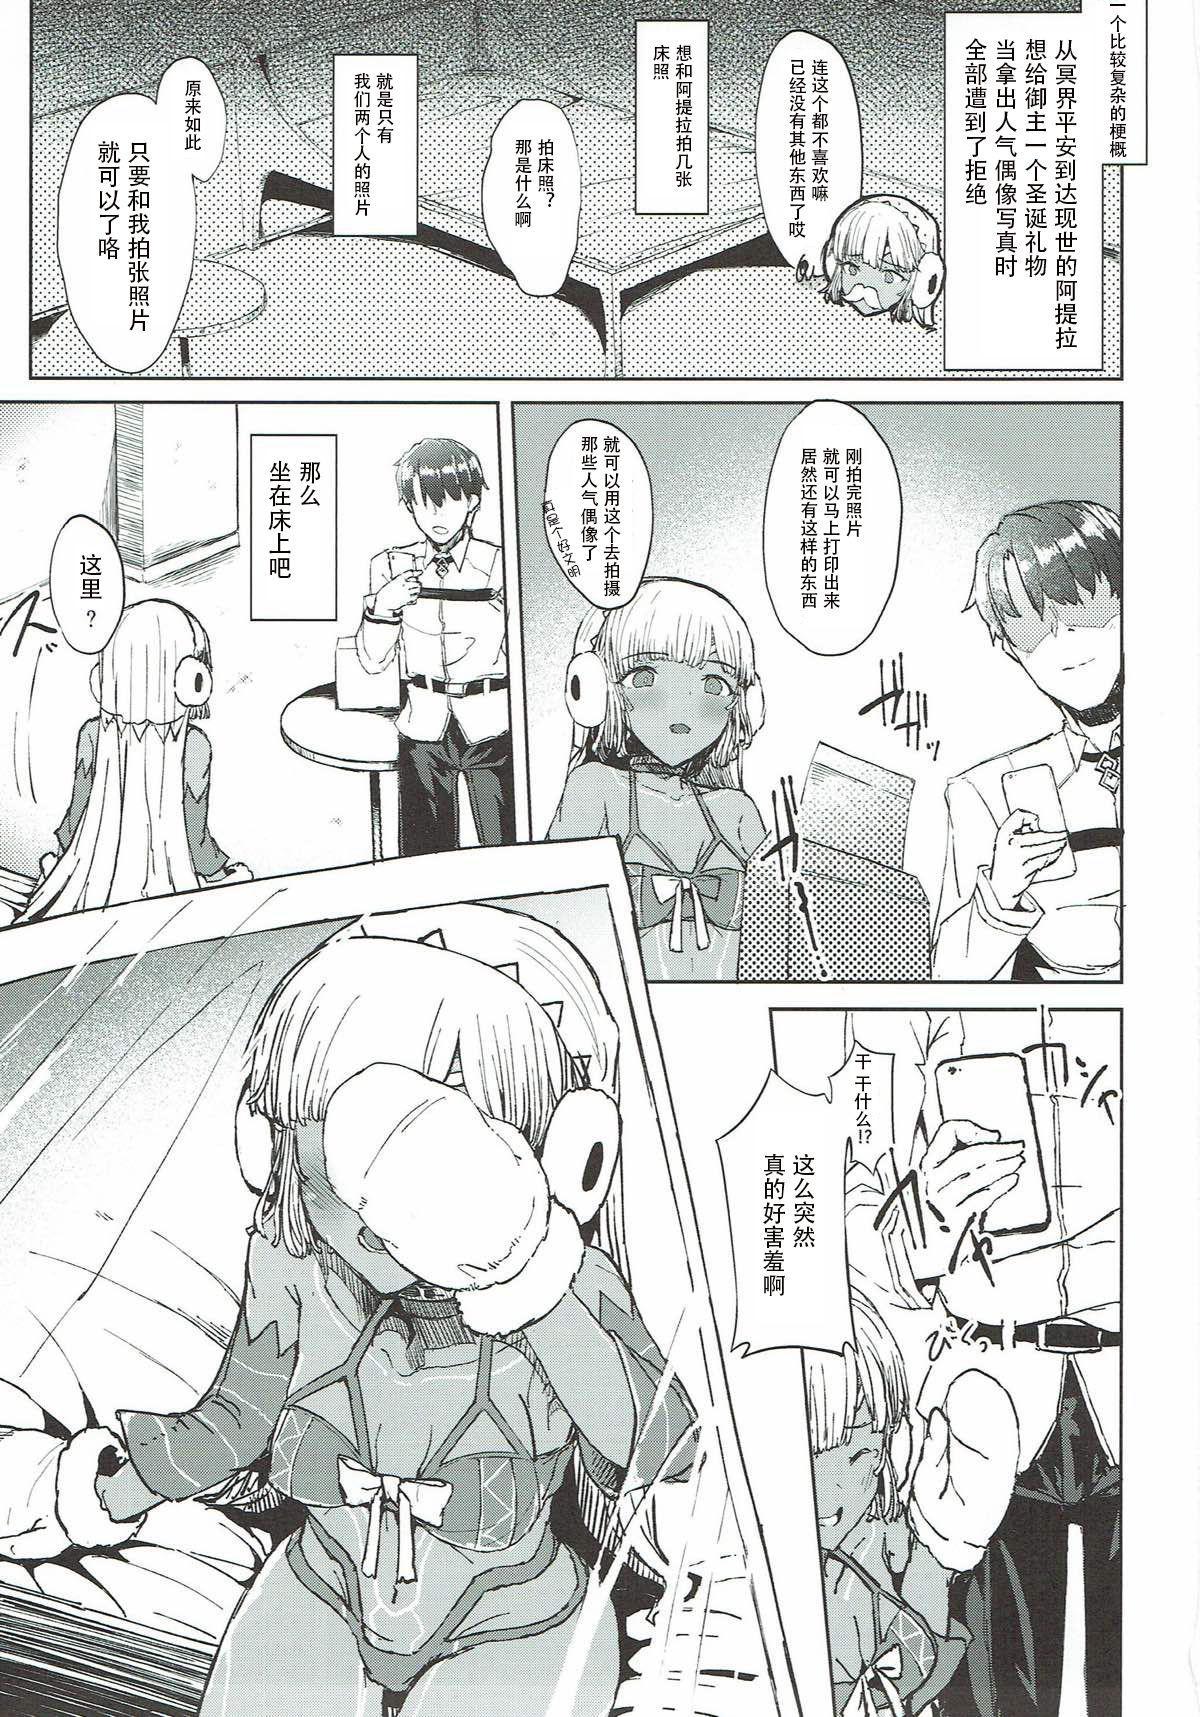 Present Hoshii Mono ga nai? Kore Igai... Naraba Shikata ga Nai 2